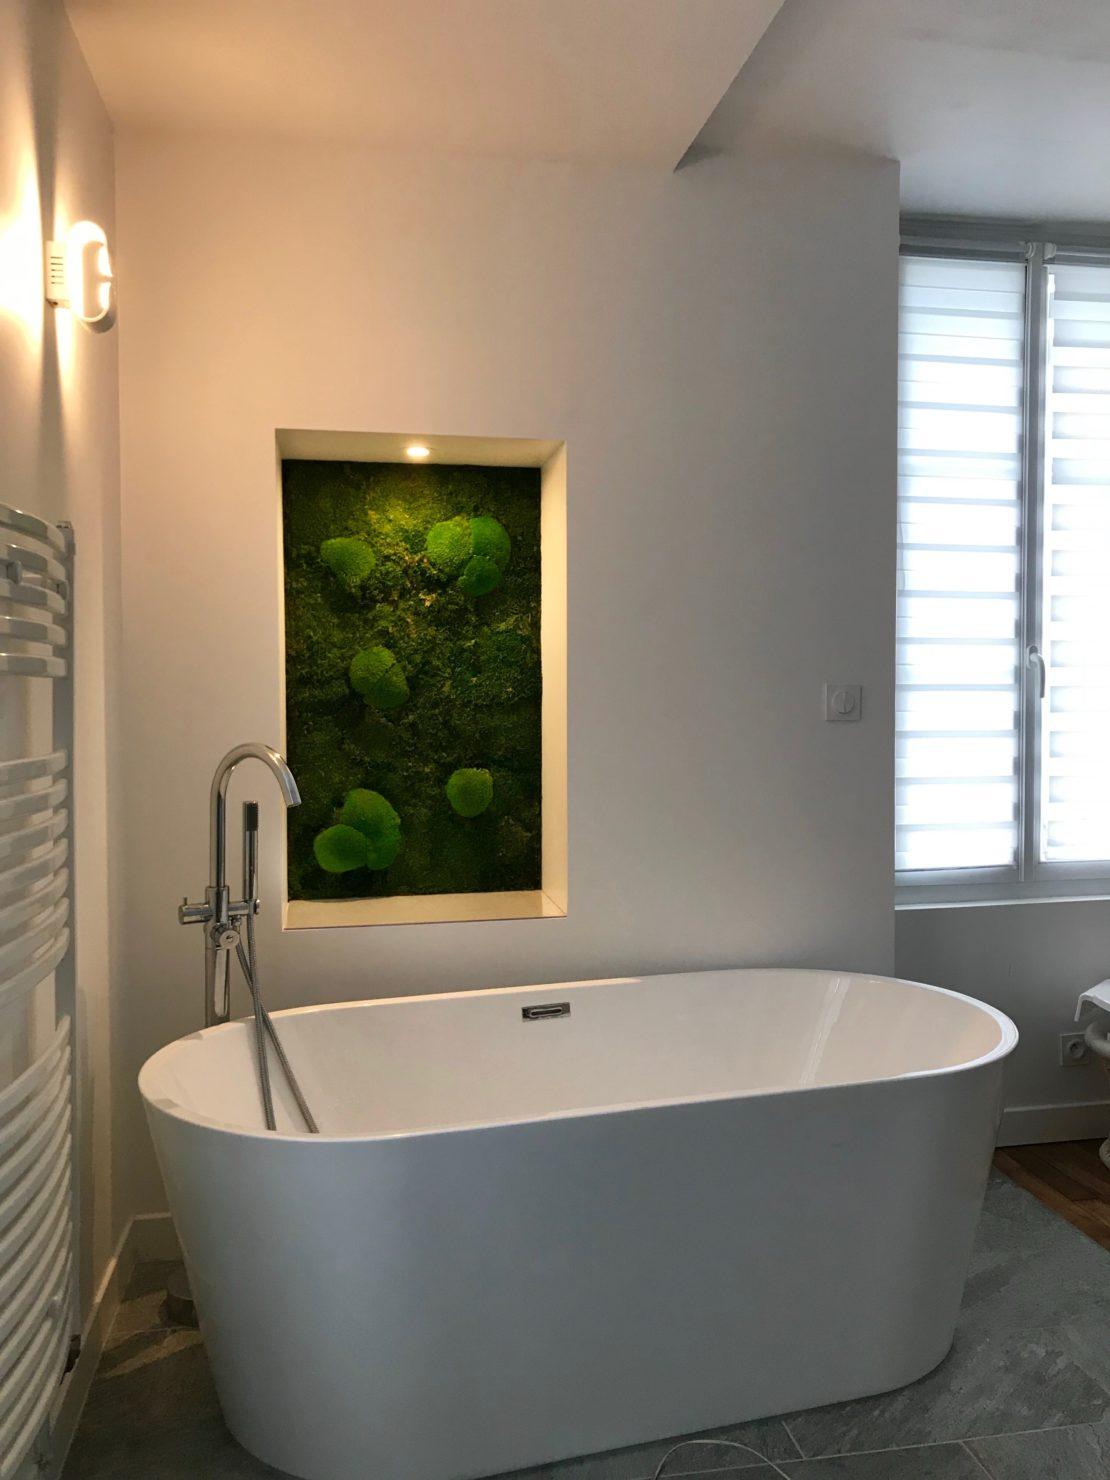 Mur végétal stabilisé salle de bain  Mousse boule stabilisée  L